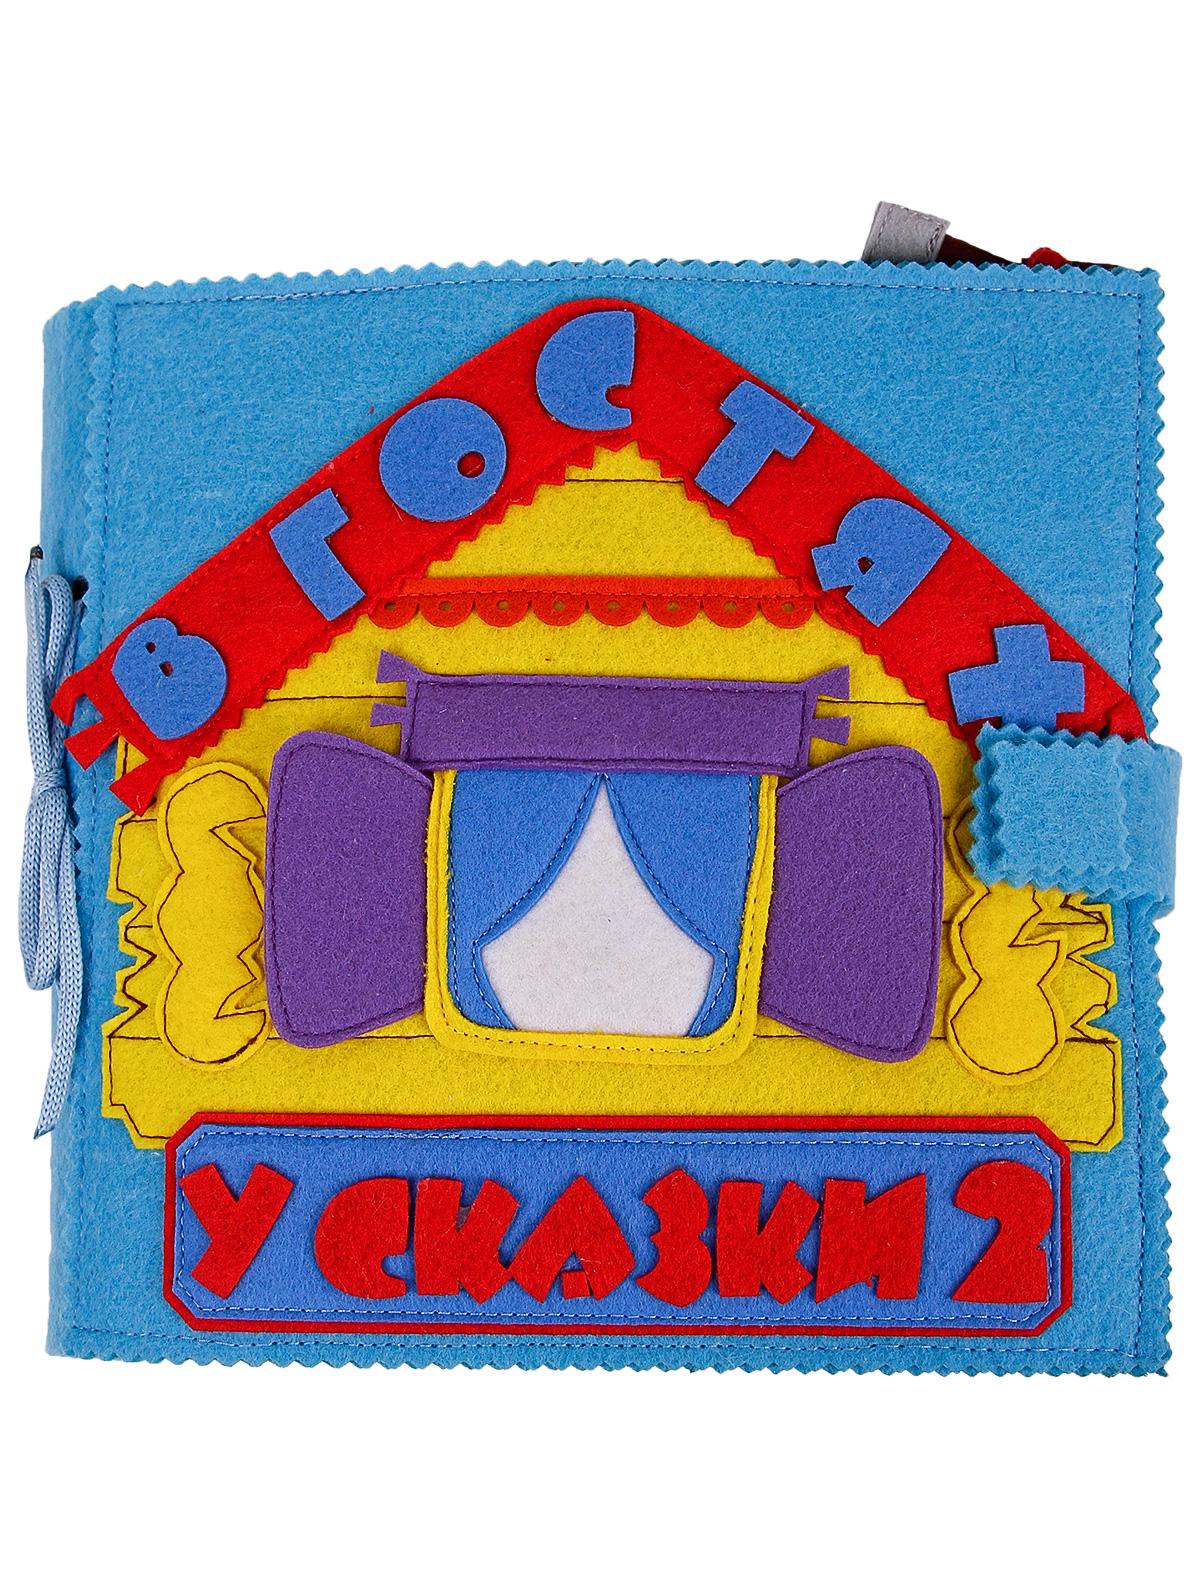 Купить 2213877, Игрушка мягкая Carolon, разноцветный, 7124520070114